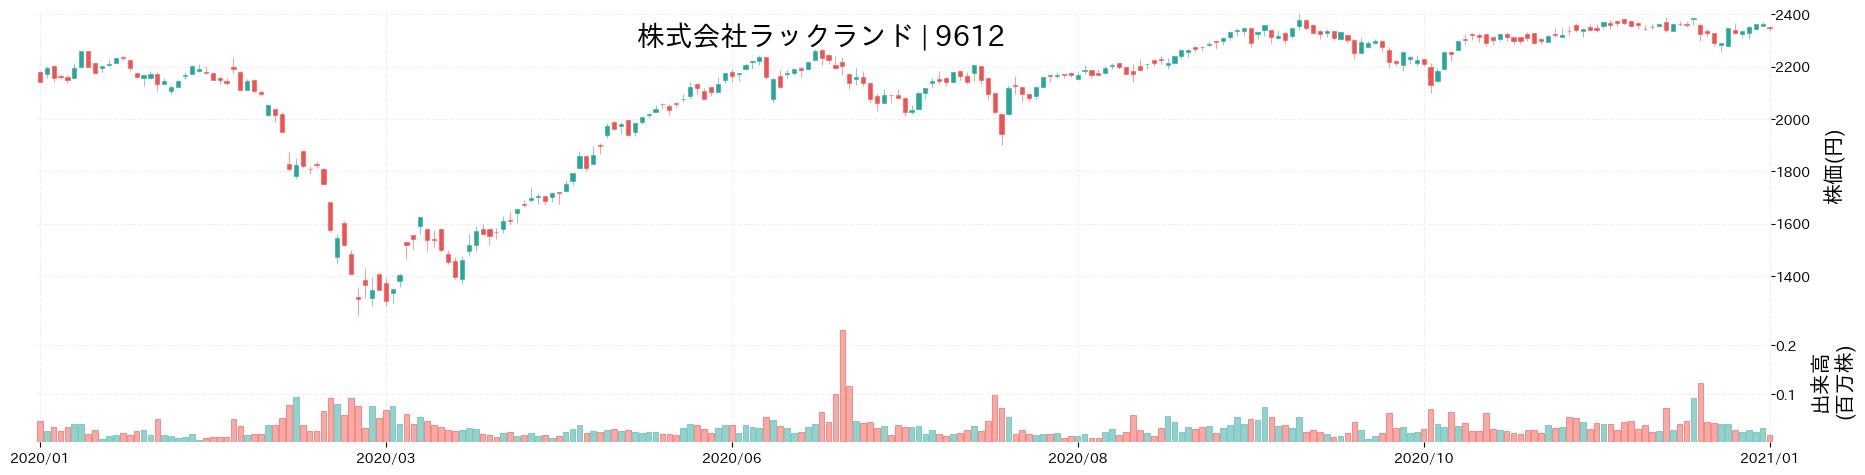 株式会社ラックランドの株価推移(2020)